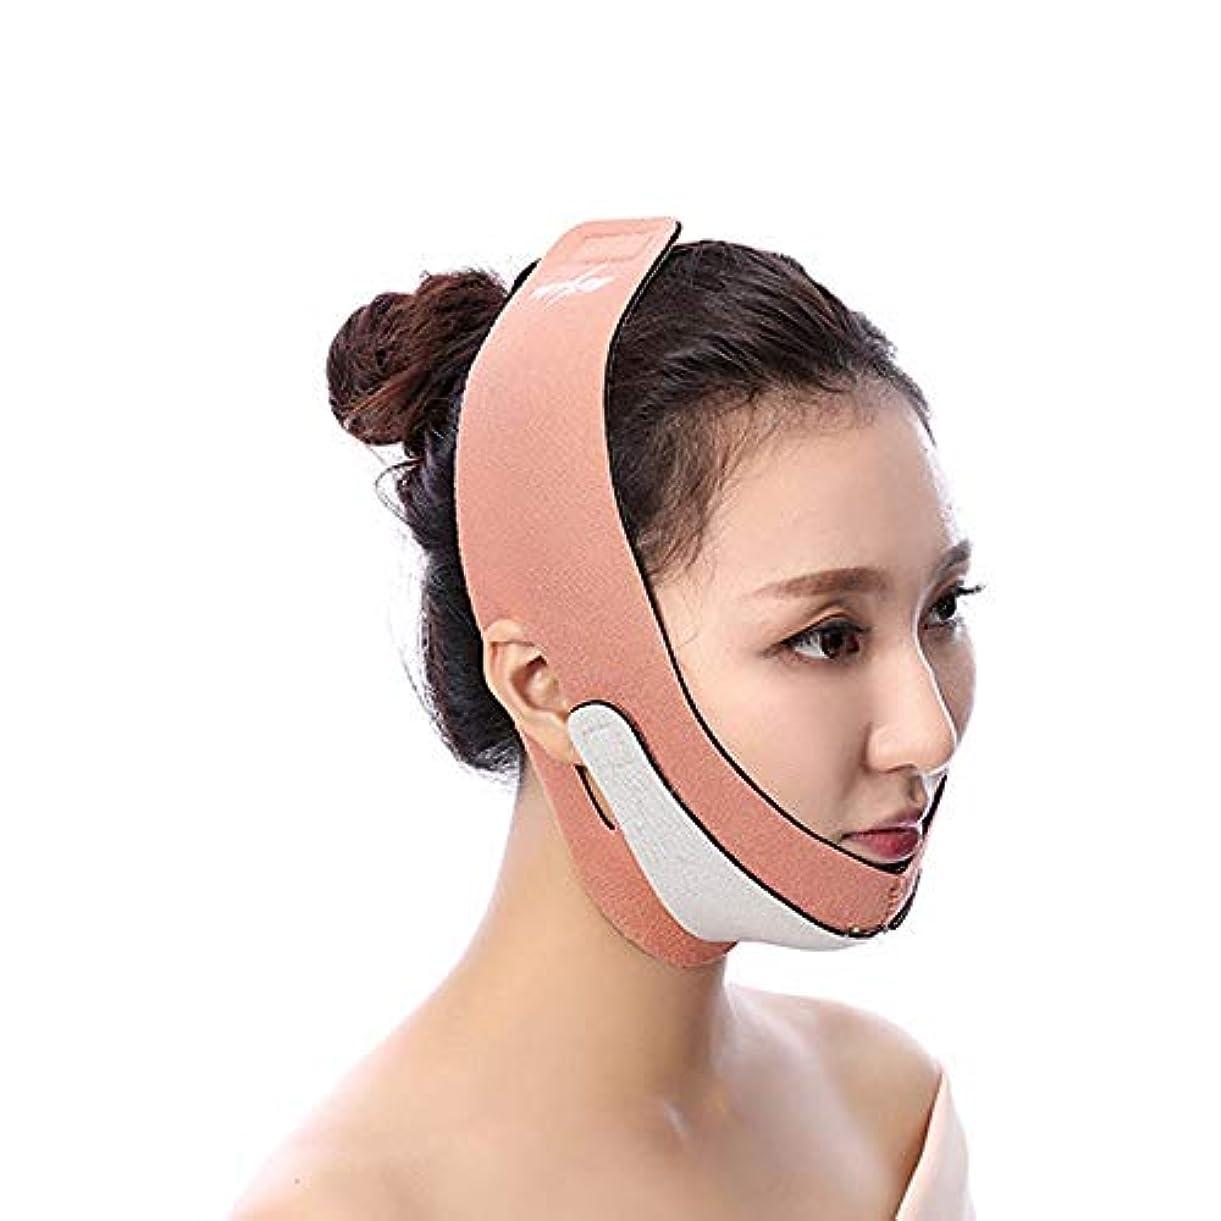 事業端末はげ薄型フェイスマスク、フェイスリフティングに最適、フェイスバンドを引き締めて肌の包帯を締め、頬あごの持ち上げ、肌の包帯を引き締める(ワンサイズはすべてにフィット) (Color : Orange)